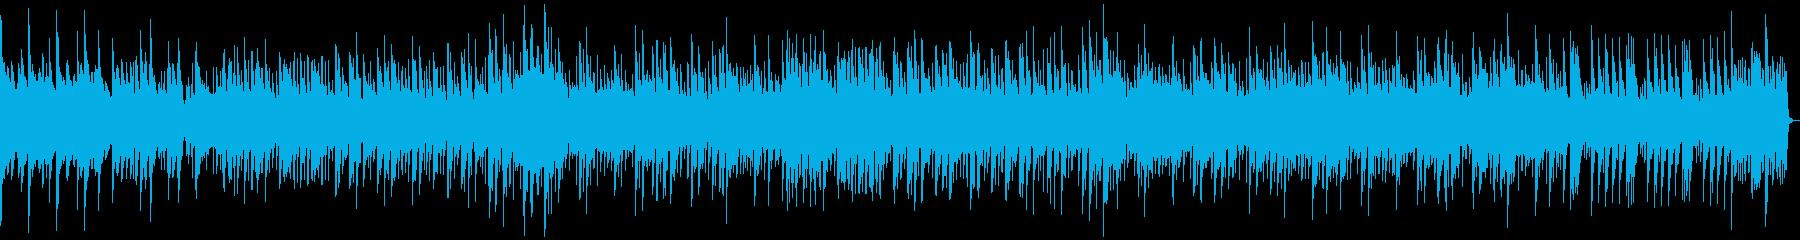 8bit ポップに切なくファンタジックの再生済みの波形